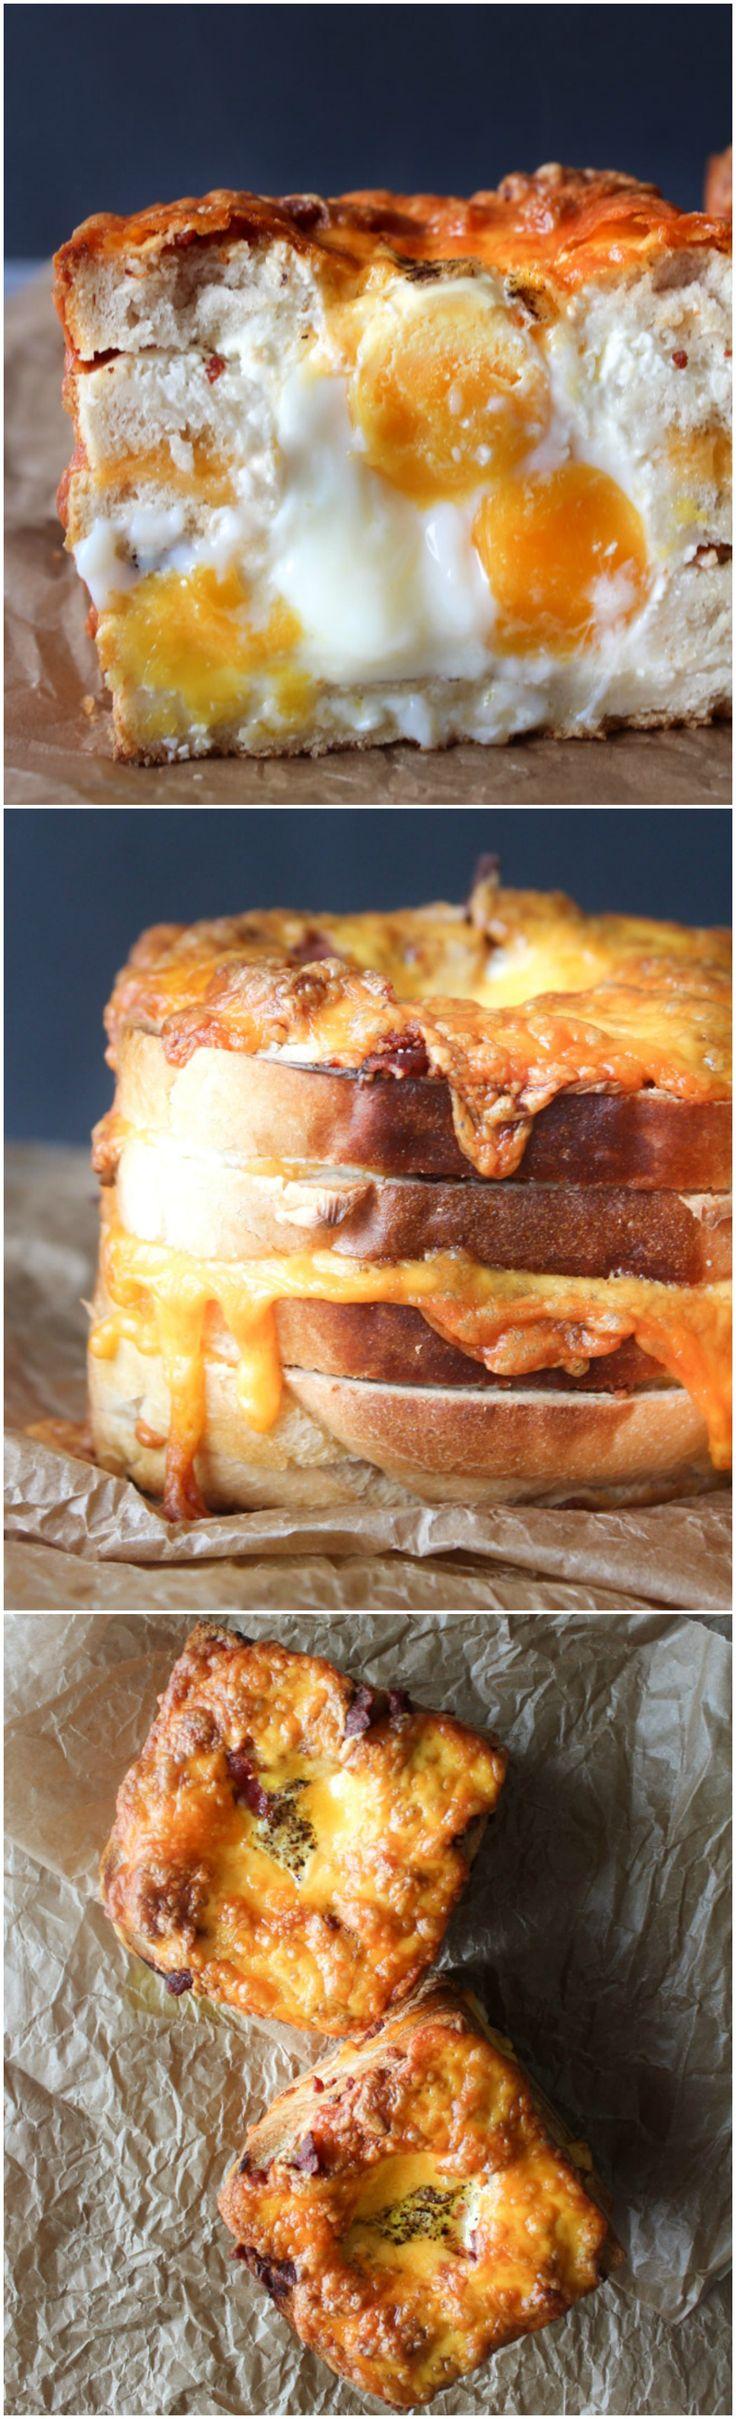 Breakfast Towers - Stuffed Bread Recipe - Bacon Recipe - Egg Recipe - Bread Recipe - Cheese Recipe -  Breakfast Recipe